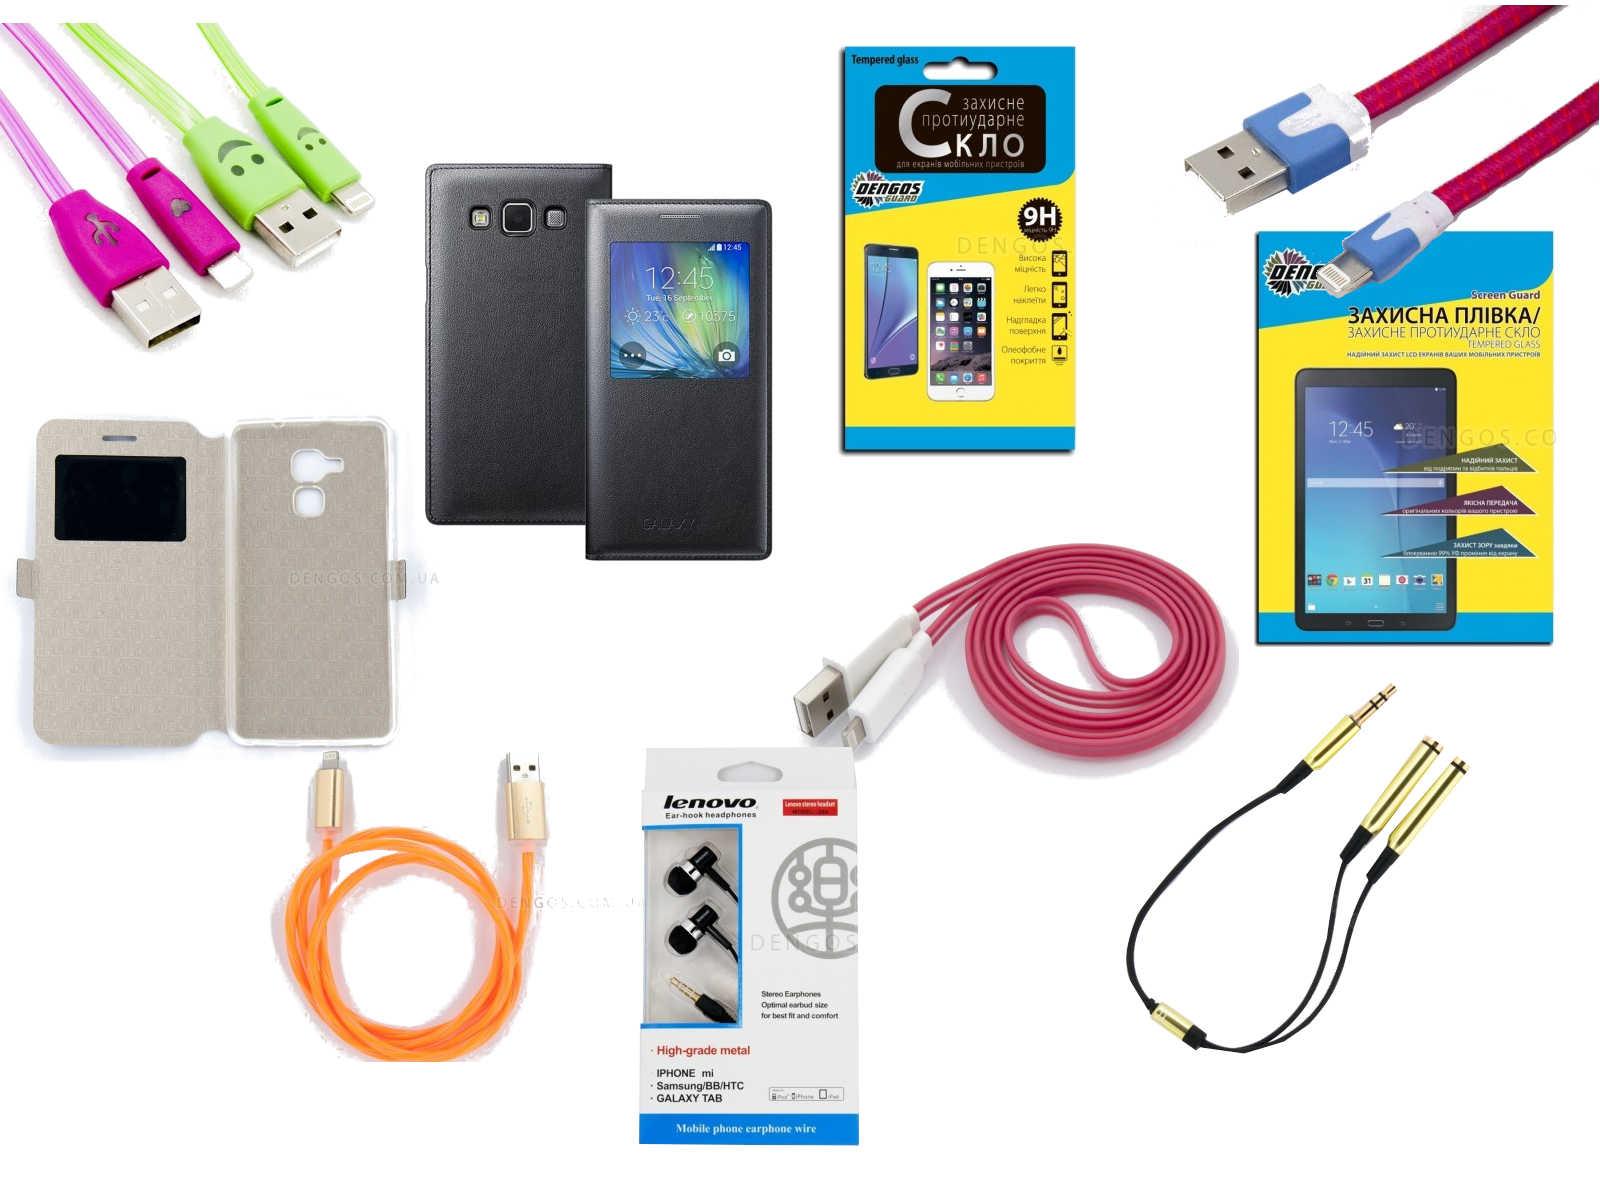 картинки аксессуары к мобильным телефонам средине